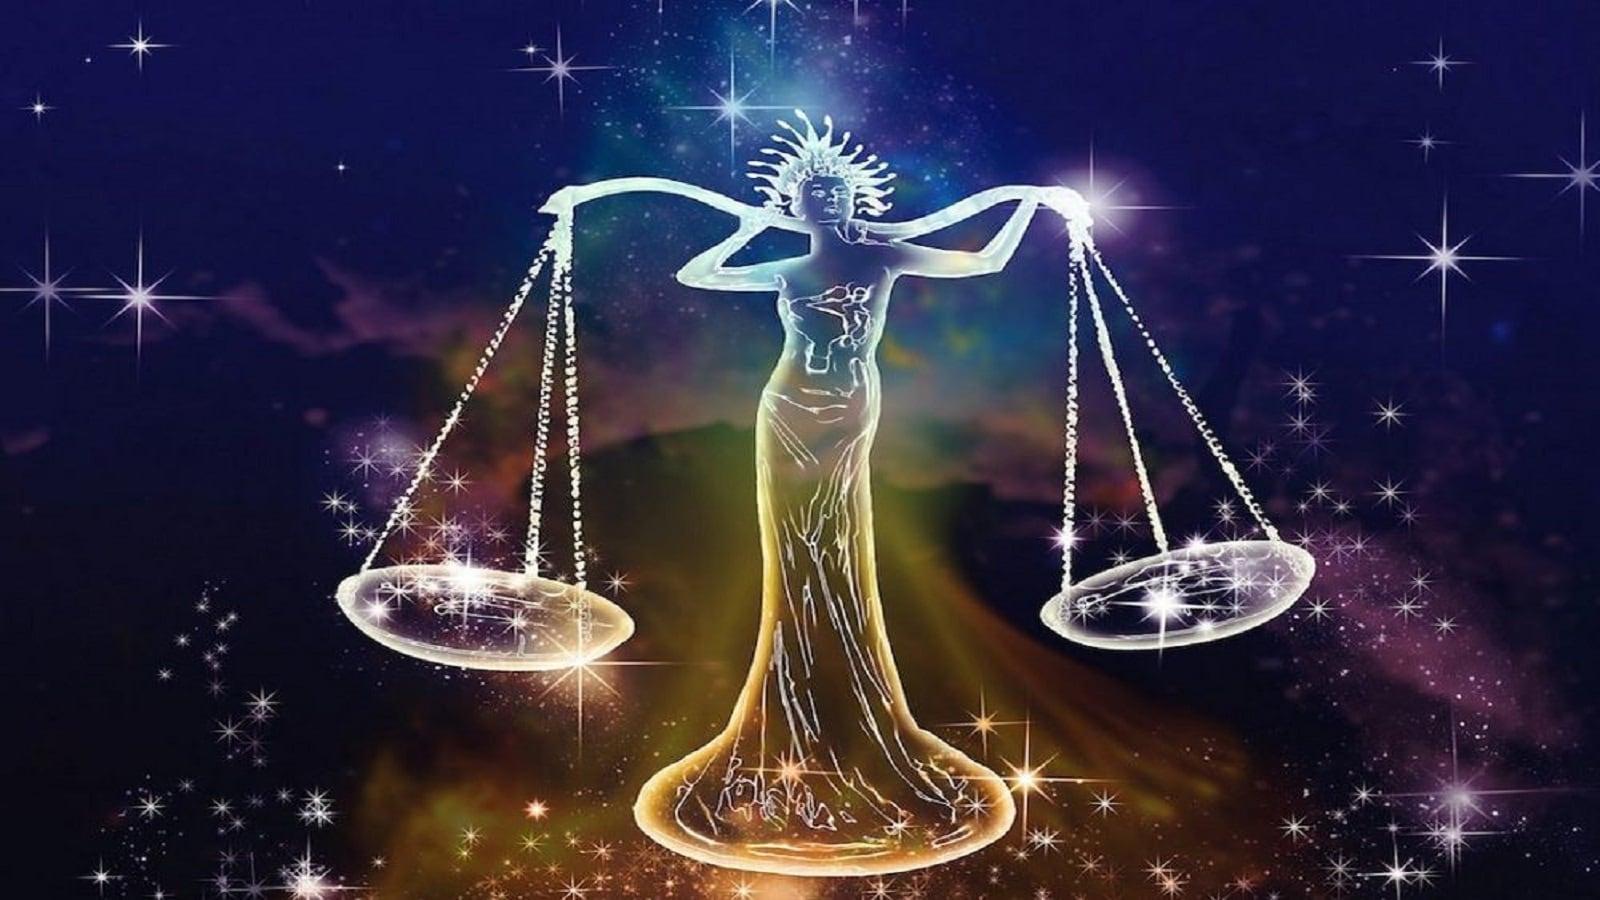 তুলা-আর্থিক উন্নতির নতুন রাস্তা খুজে পাবেন। আর্থিক লাভ হবে। সম্পত্তি সংক্রান্ত কাজে সাফল্য লাভ করবেন। ব্যবসার পরিস্থিতি ঠিক থাকবে। স্বাস্থ্য ভালো থাকবে। বিরোধী আপনার কাজে বাধা সৃষ্টি করতে পারে। পৈতৃক মামলার সমাধান হতে পারে।